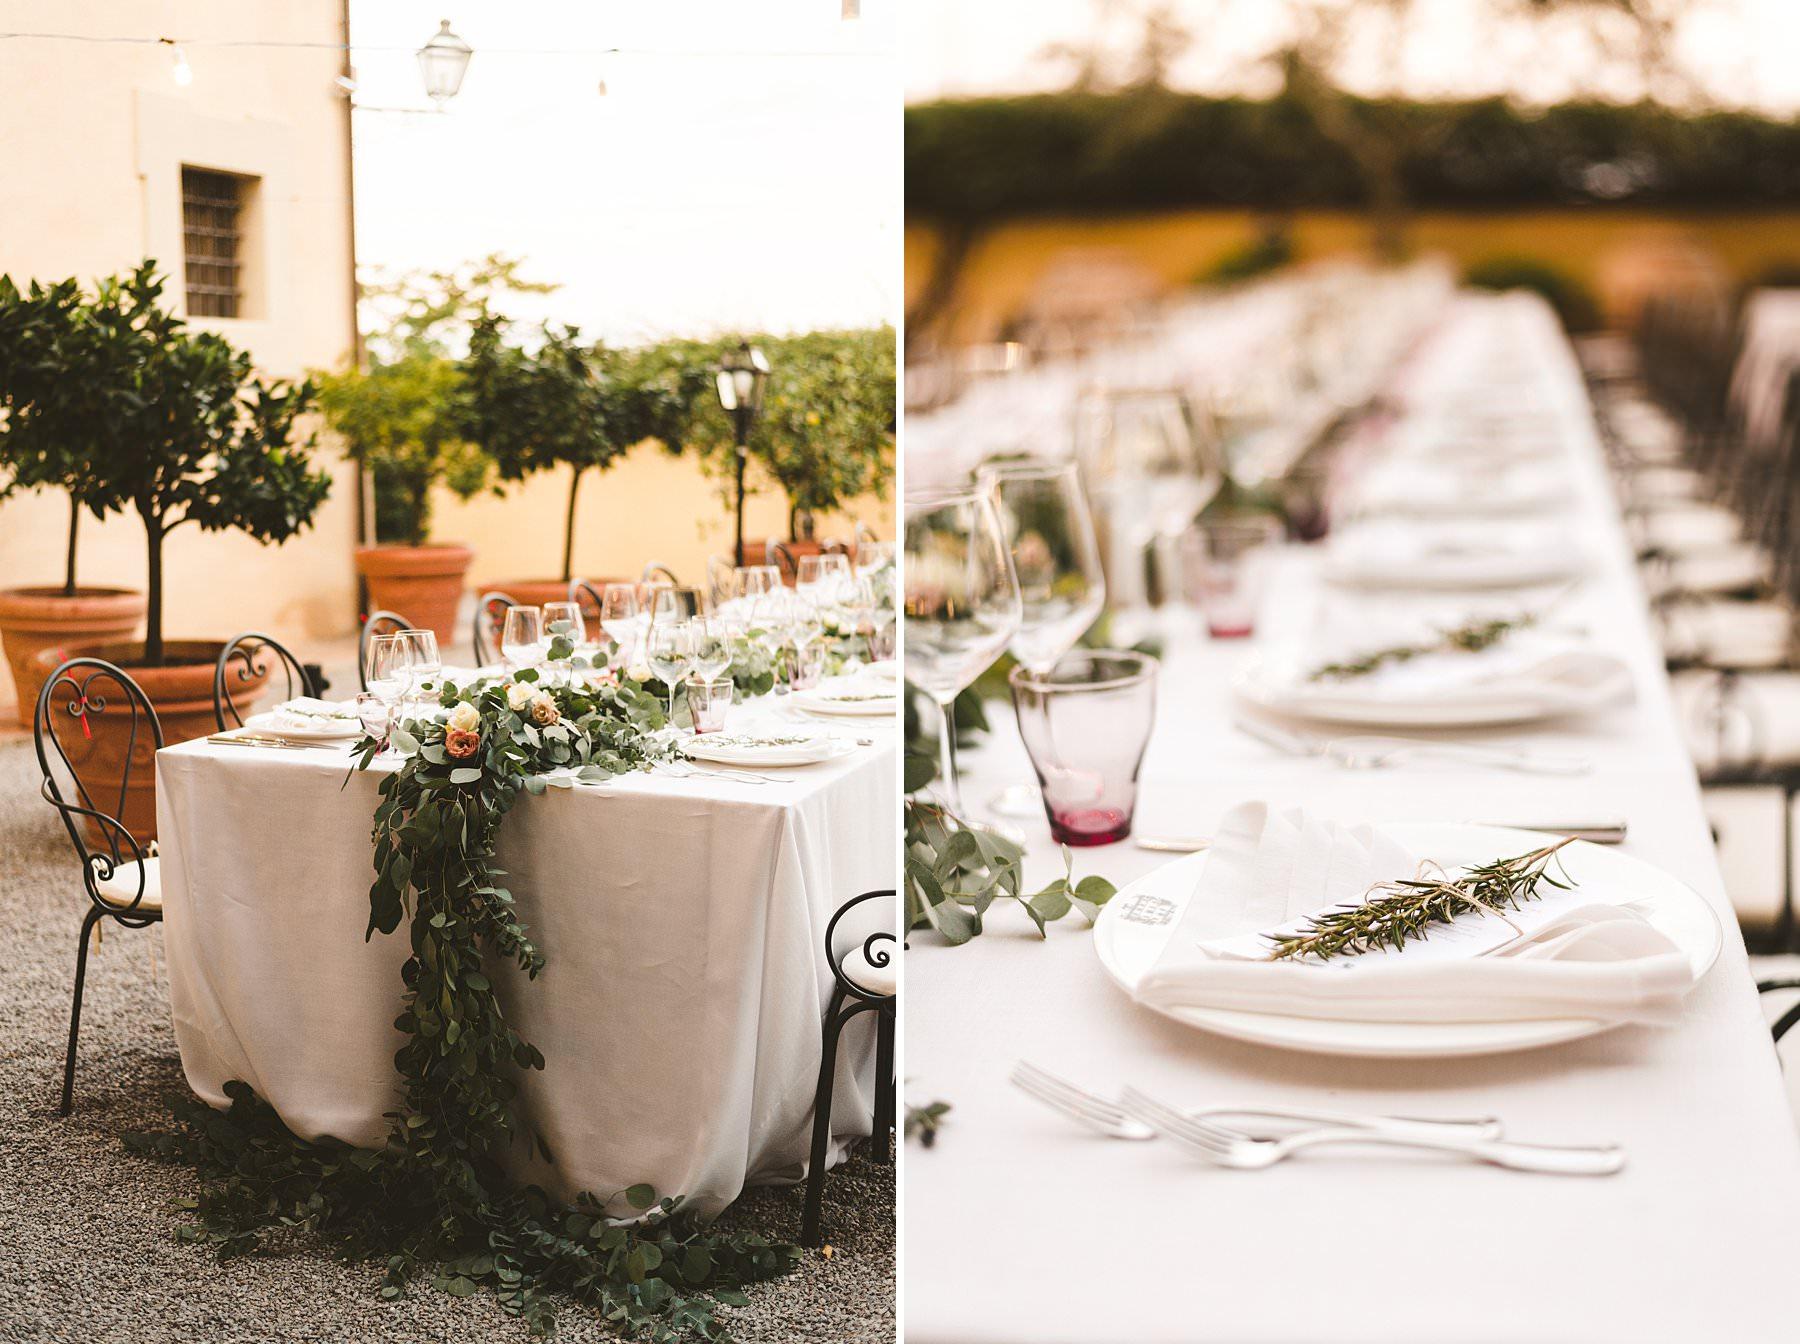 Lovely wedding dinner setup at Villa Monte Solare for an international Australian wedding in Italy